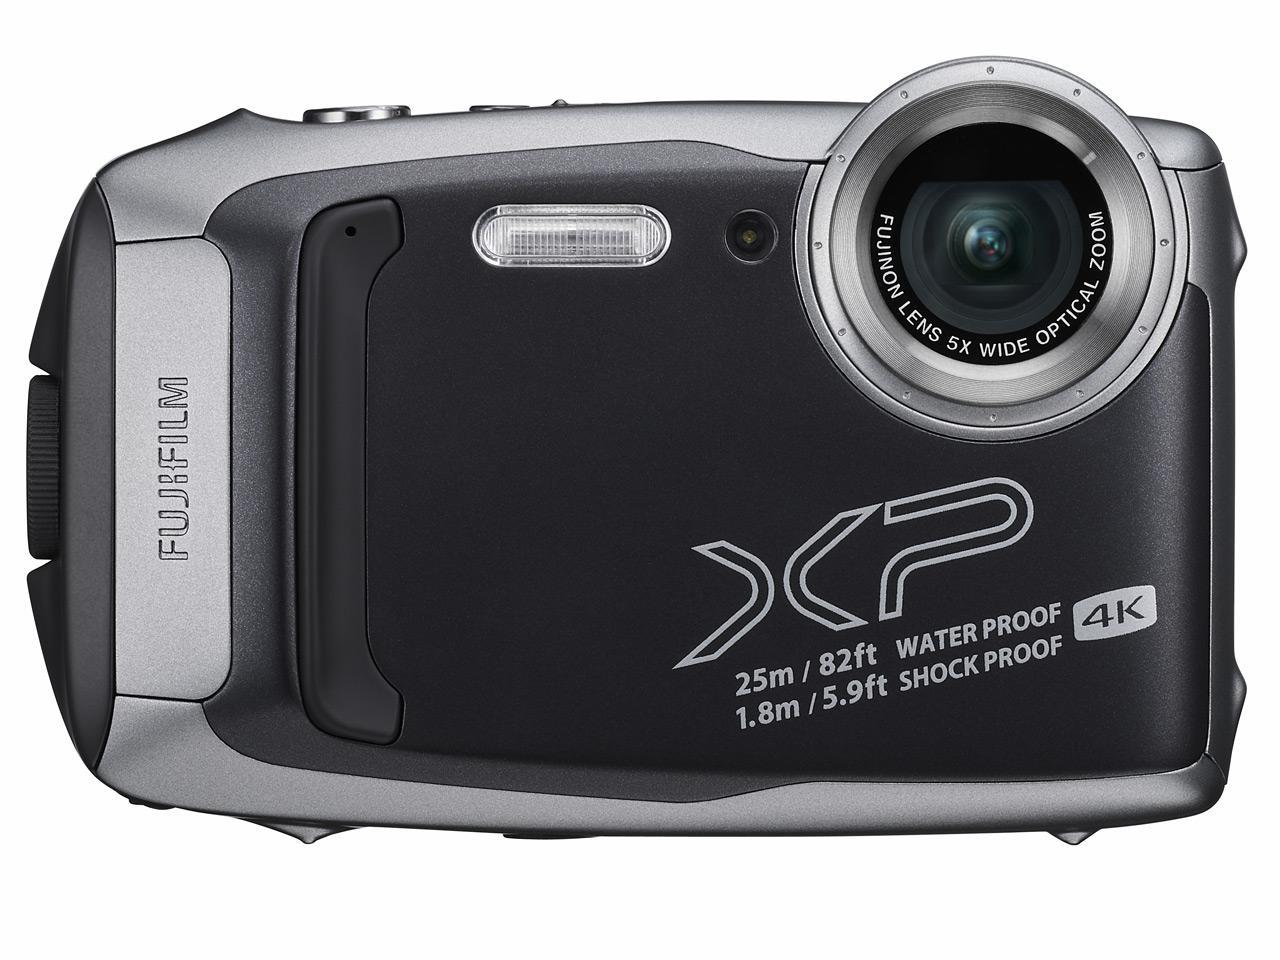 富士フイルム FX-XP140DS デジタルカメラ FinePix XP140 ダークホワイト(FX-XP140DS)【smtb-s】